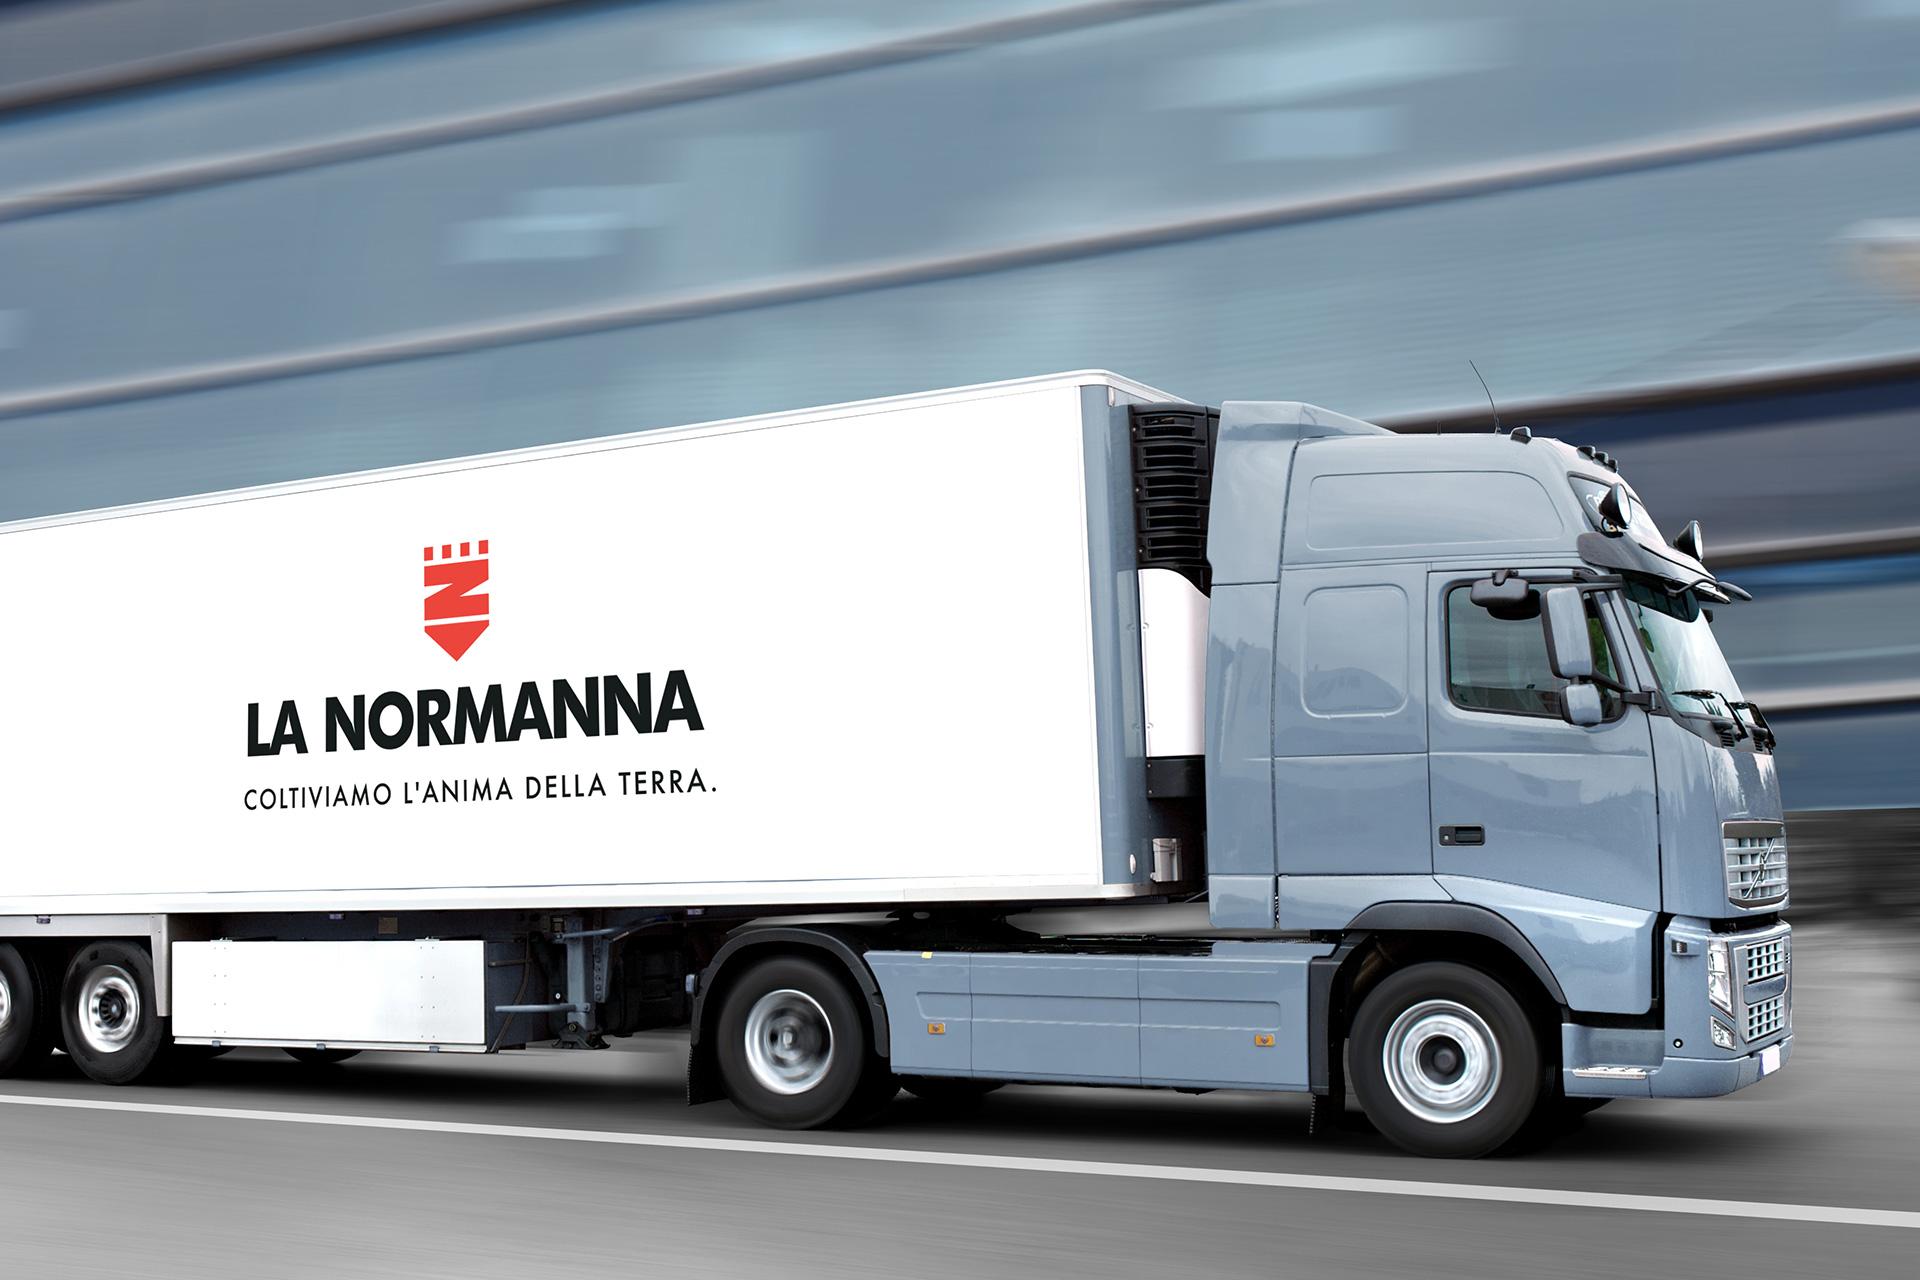 La Normanna Soc. Coop. Agr.